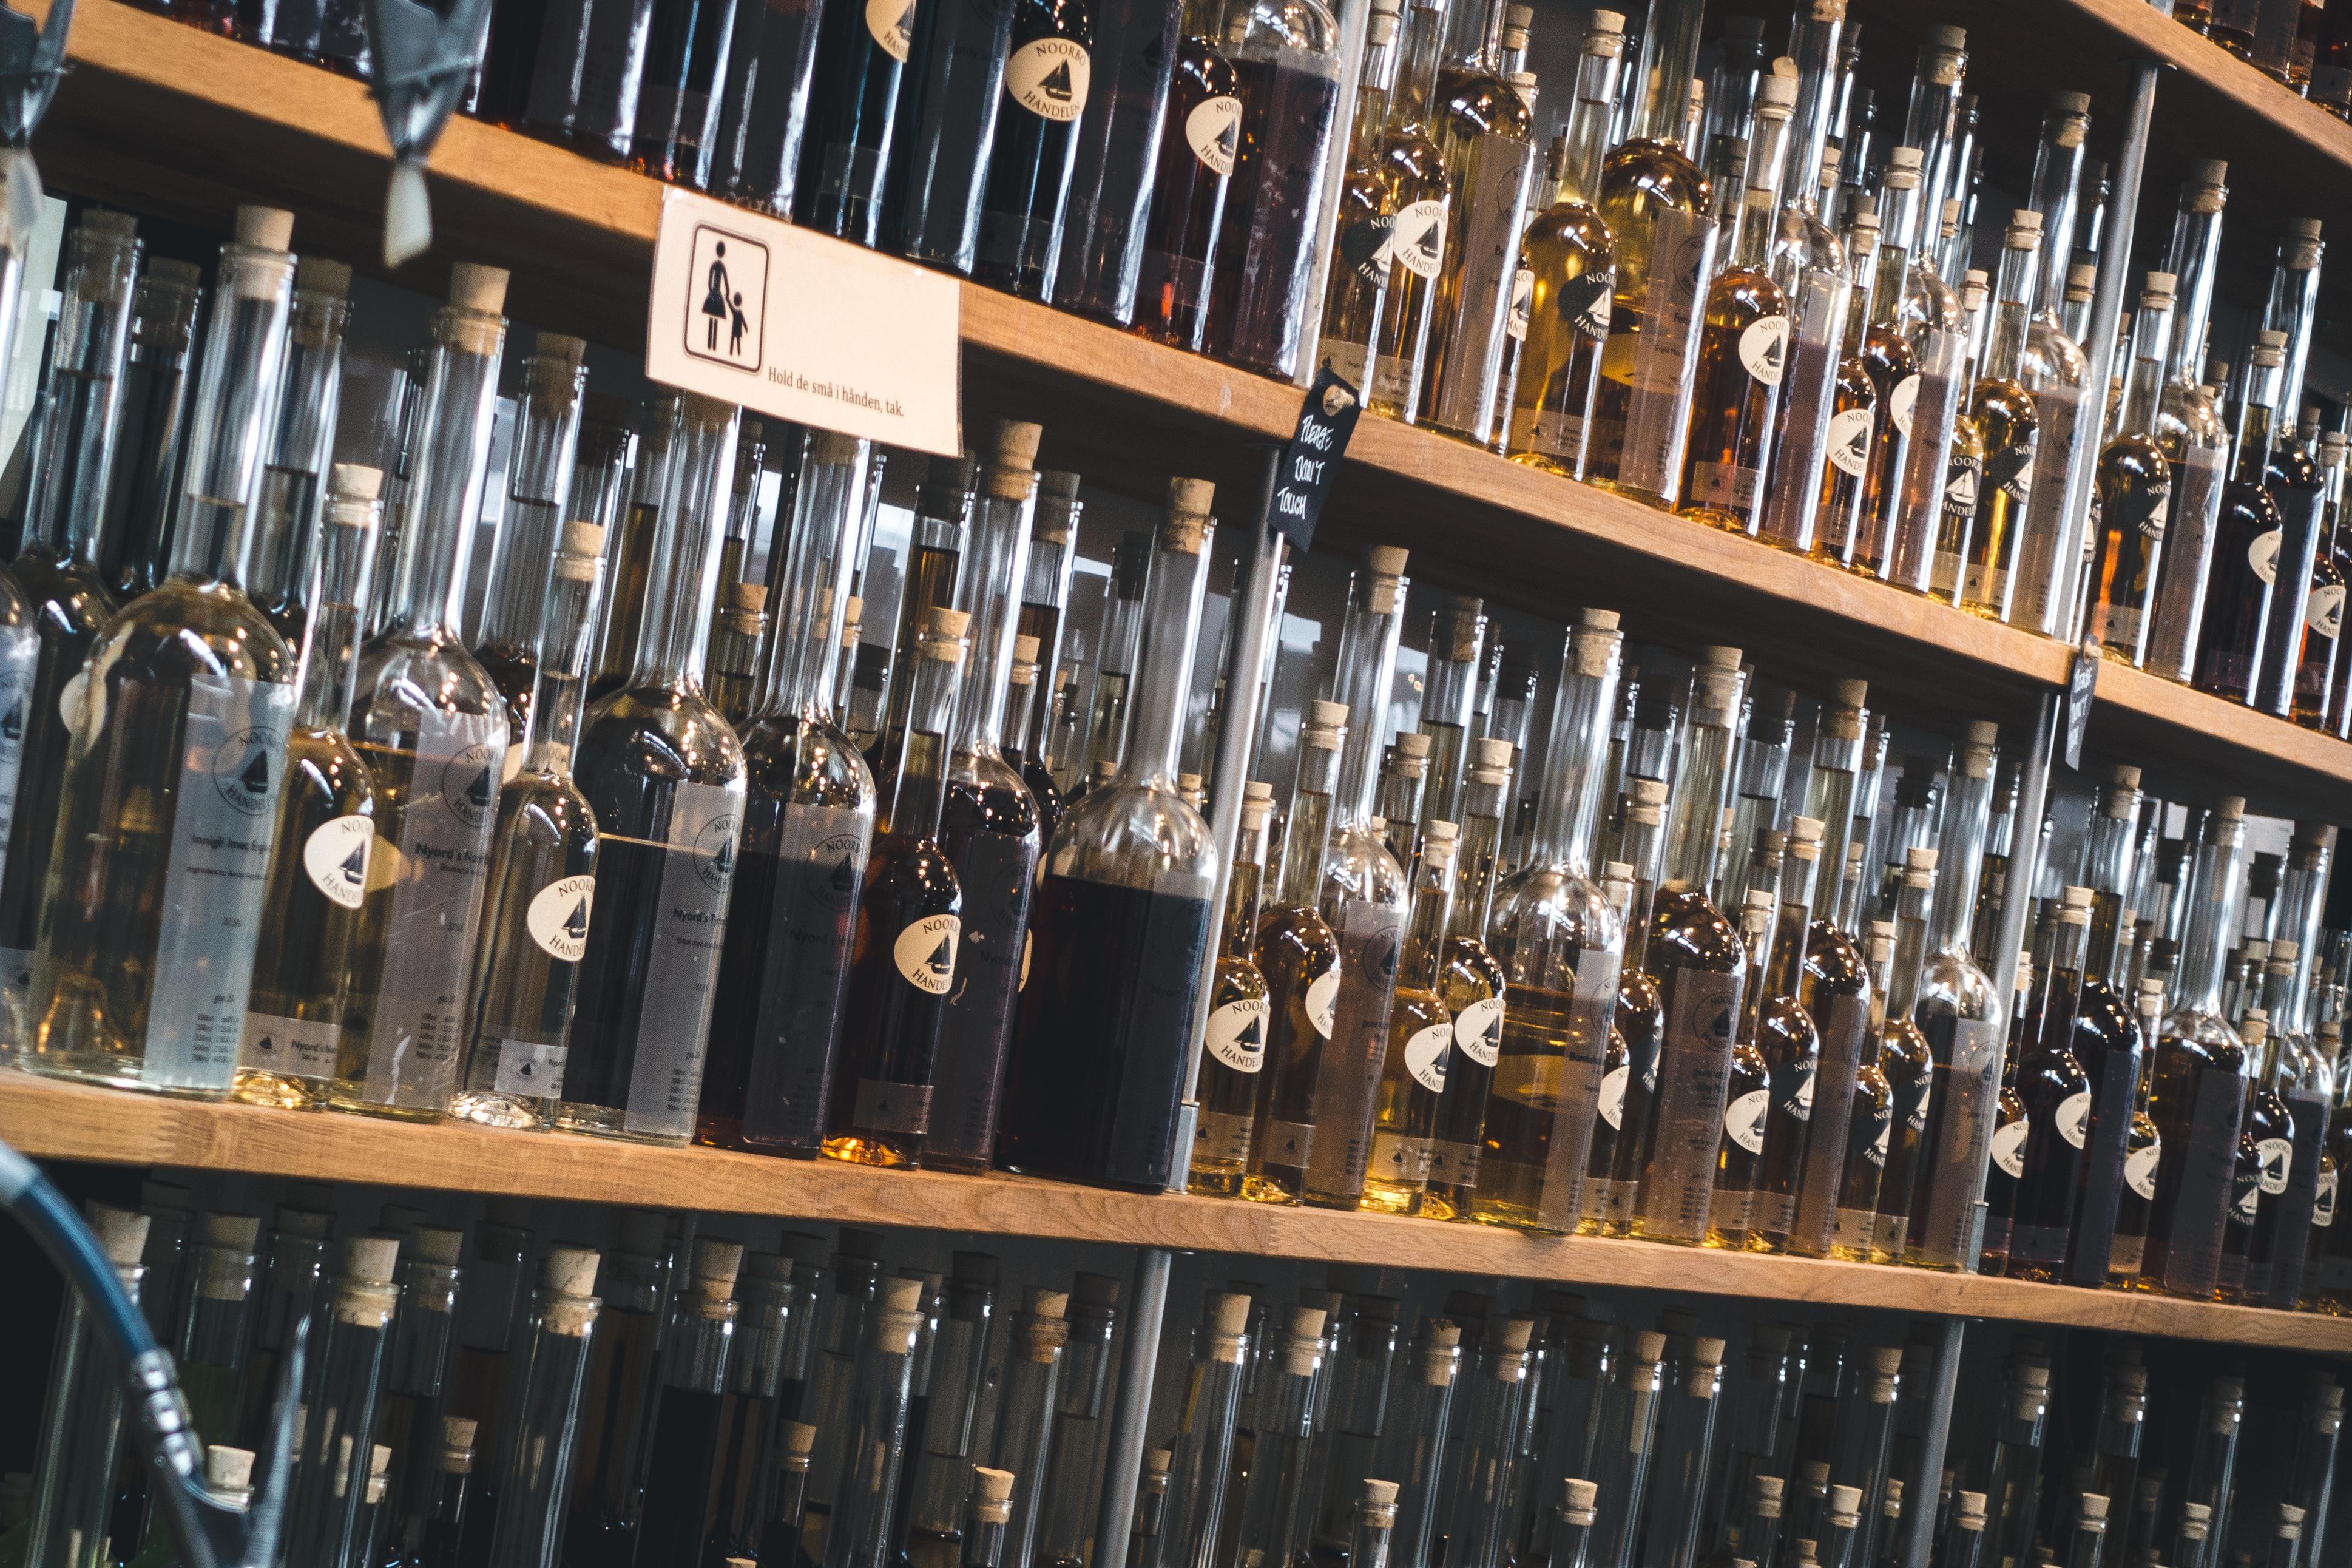 Homemade liquers store